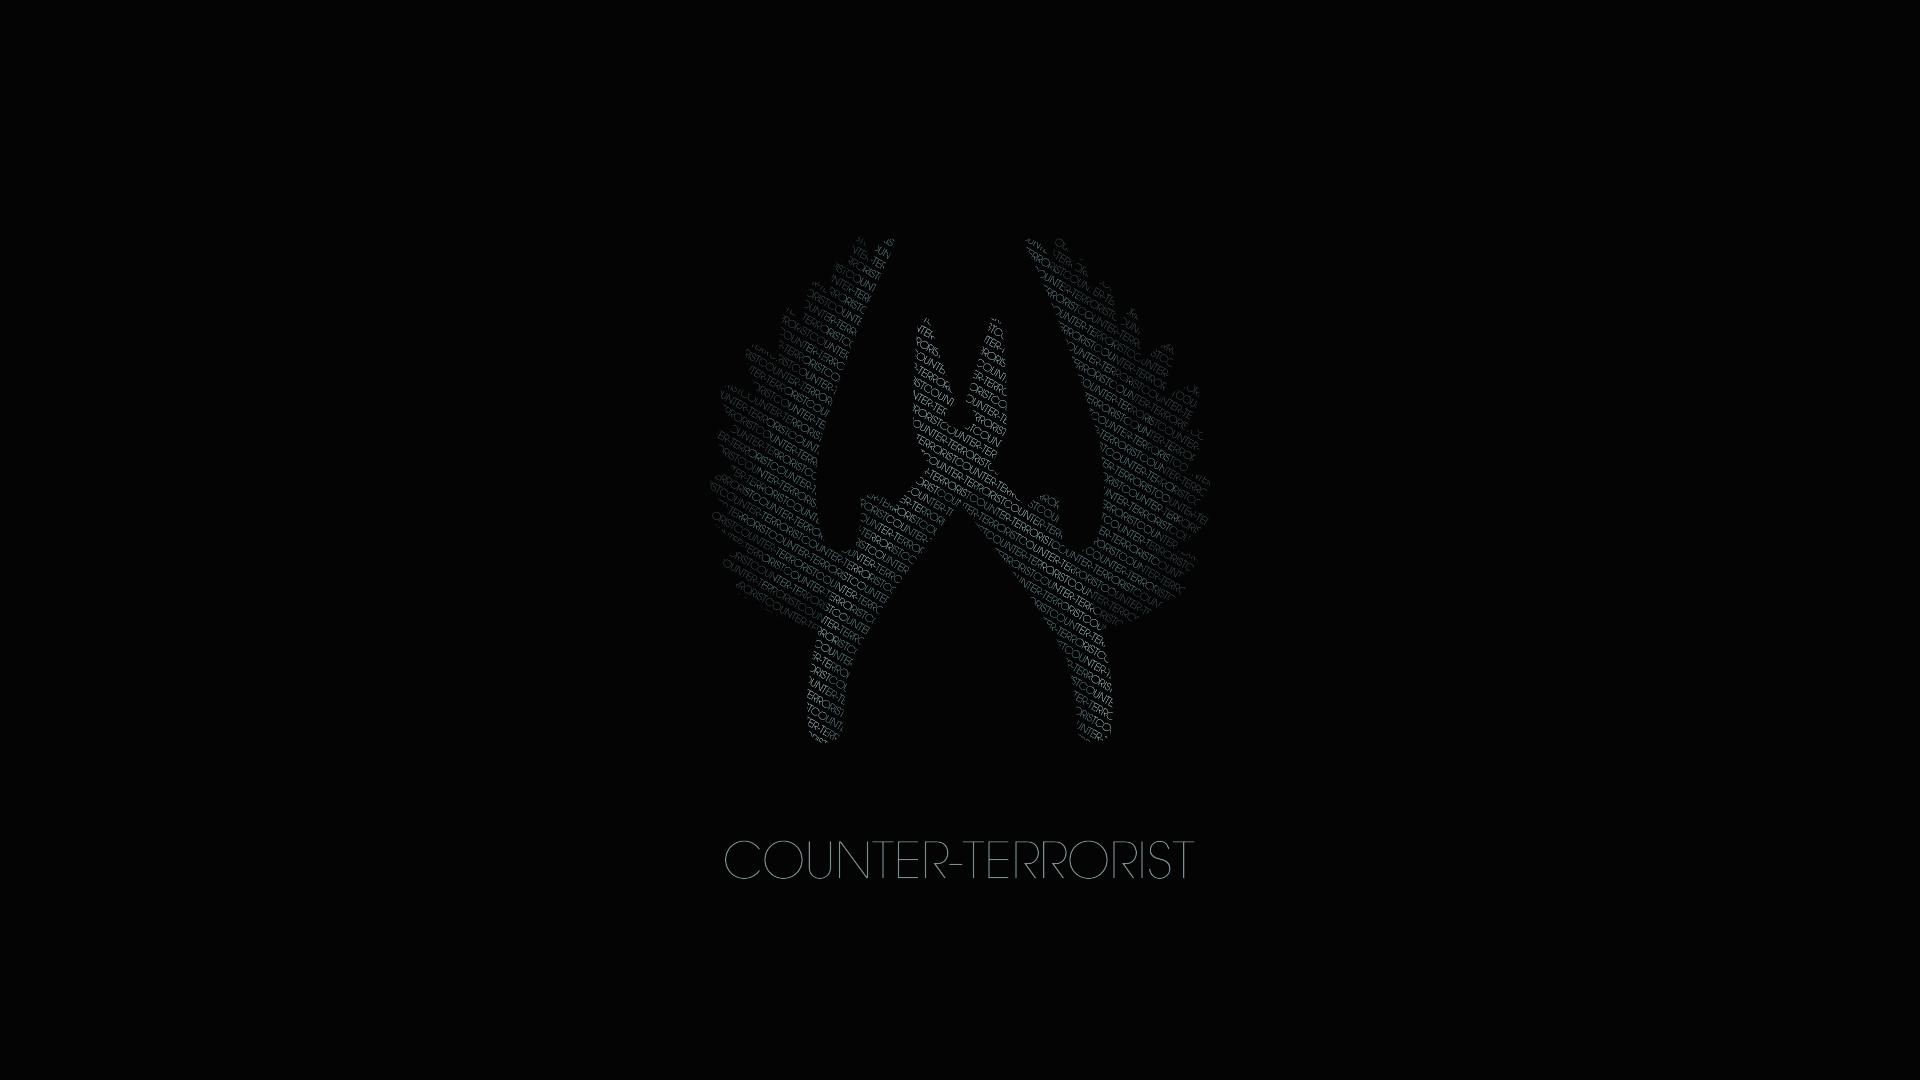 Counter-terrorist pattern